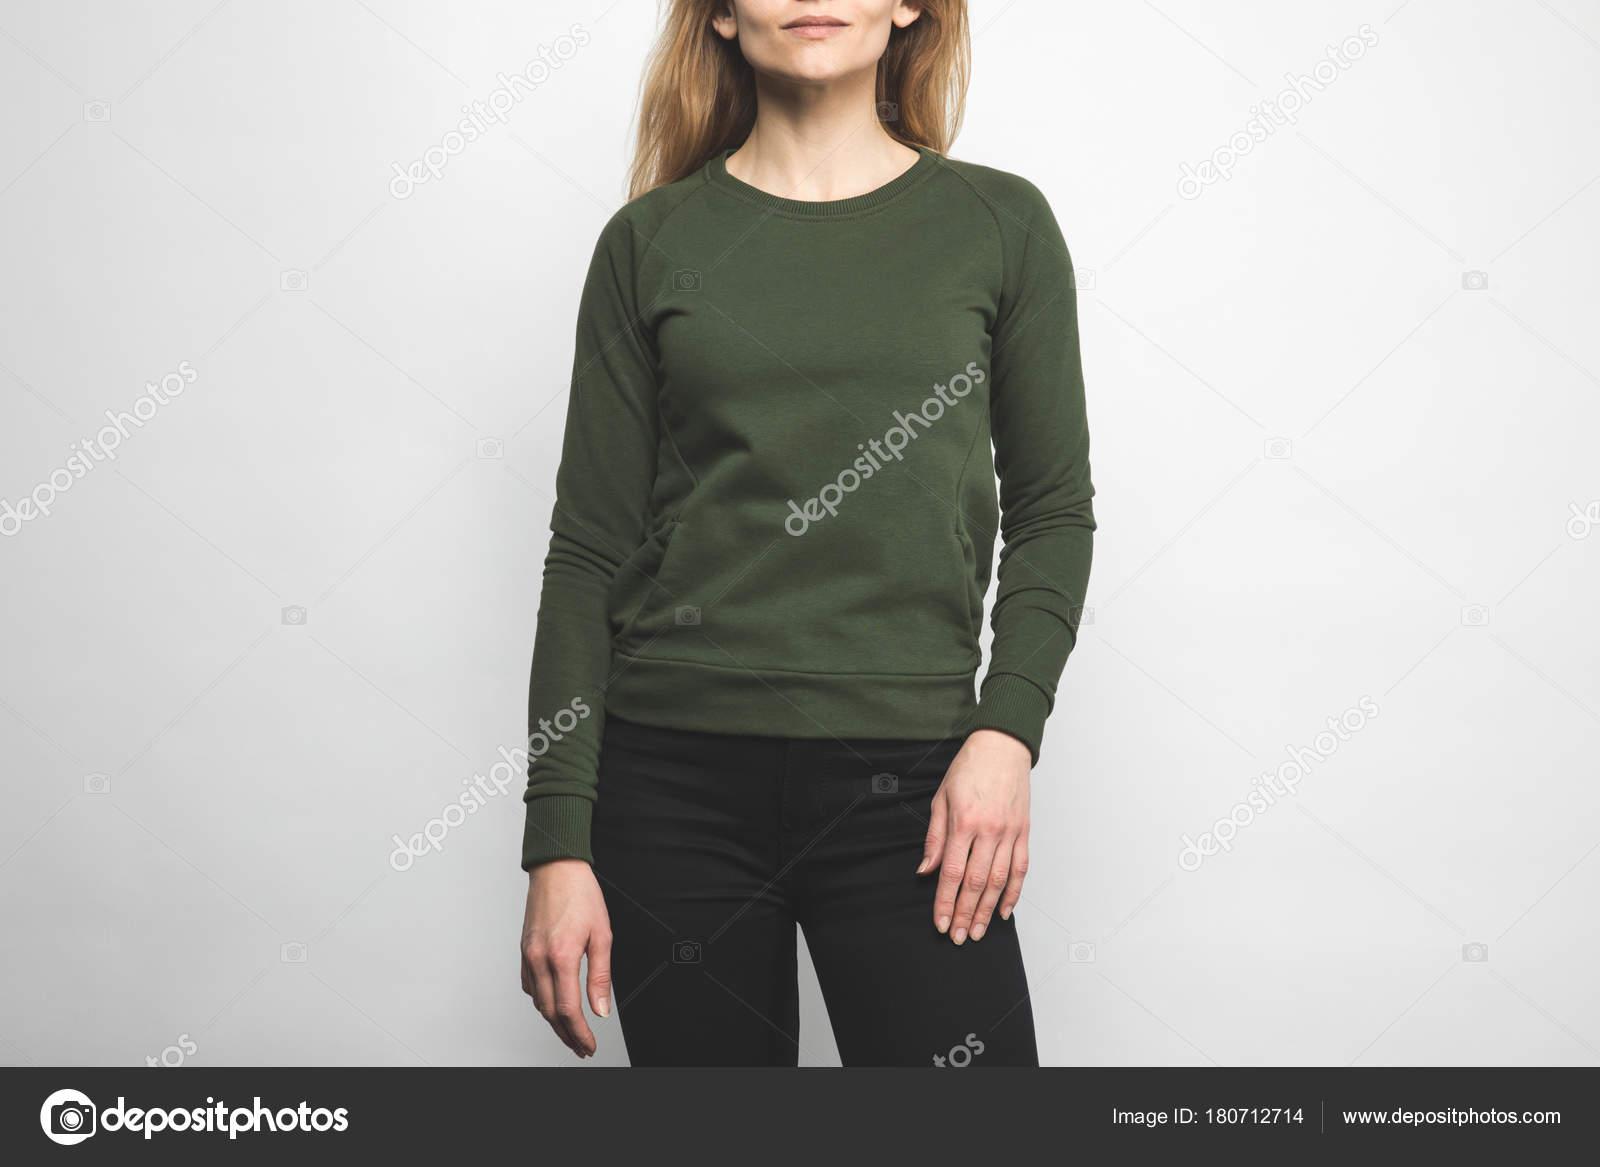 89cb583169 Foto Recortada Mujer Sudadera Verde Blanco Sobre Blanco — Foto de Stock